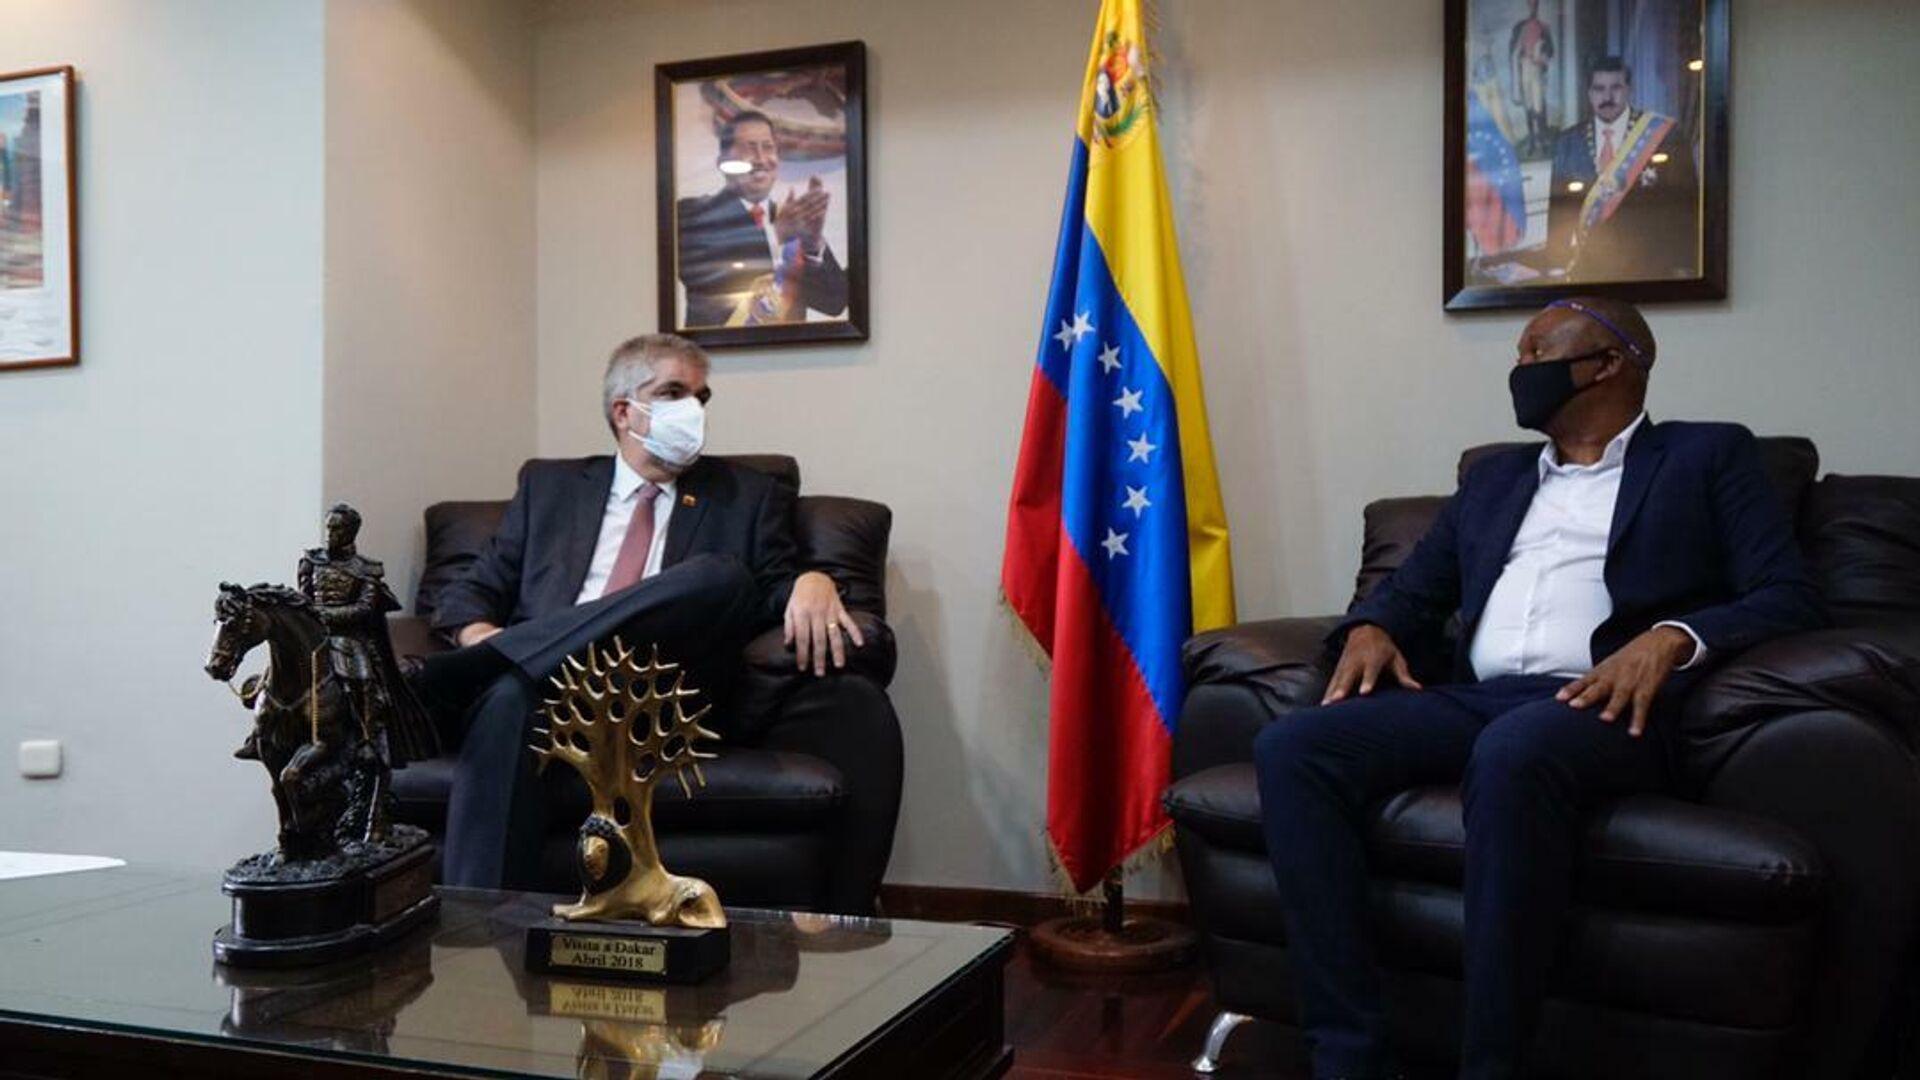 El viceministro venezolano, Yuri Pimentel y el diputado de Sudáfrica, Zolani Mkiva - Sputnik Mundo, 1920, 20.05.2021